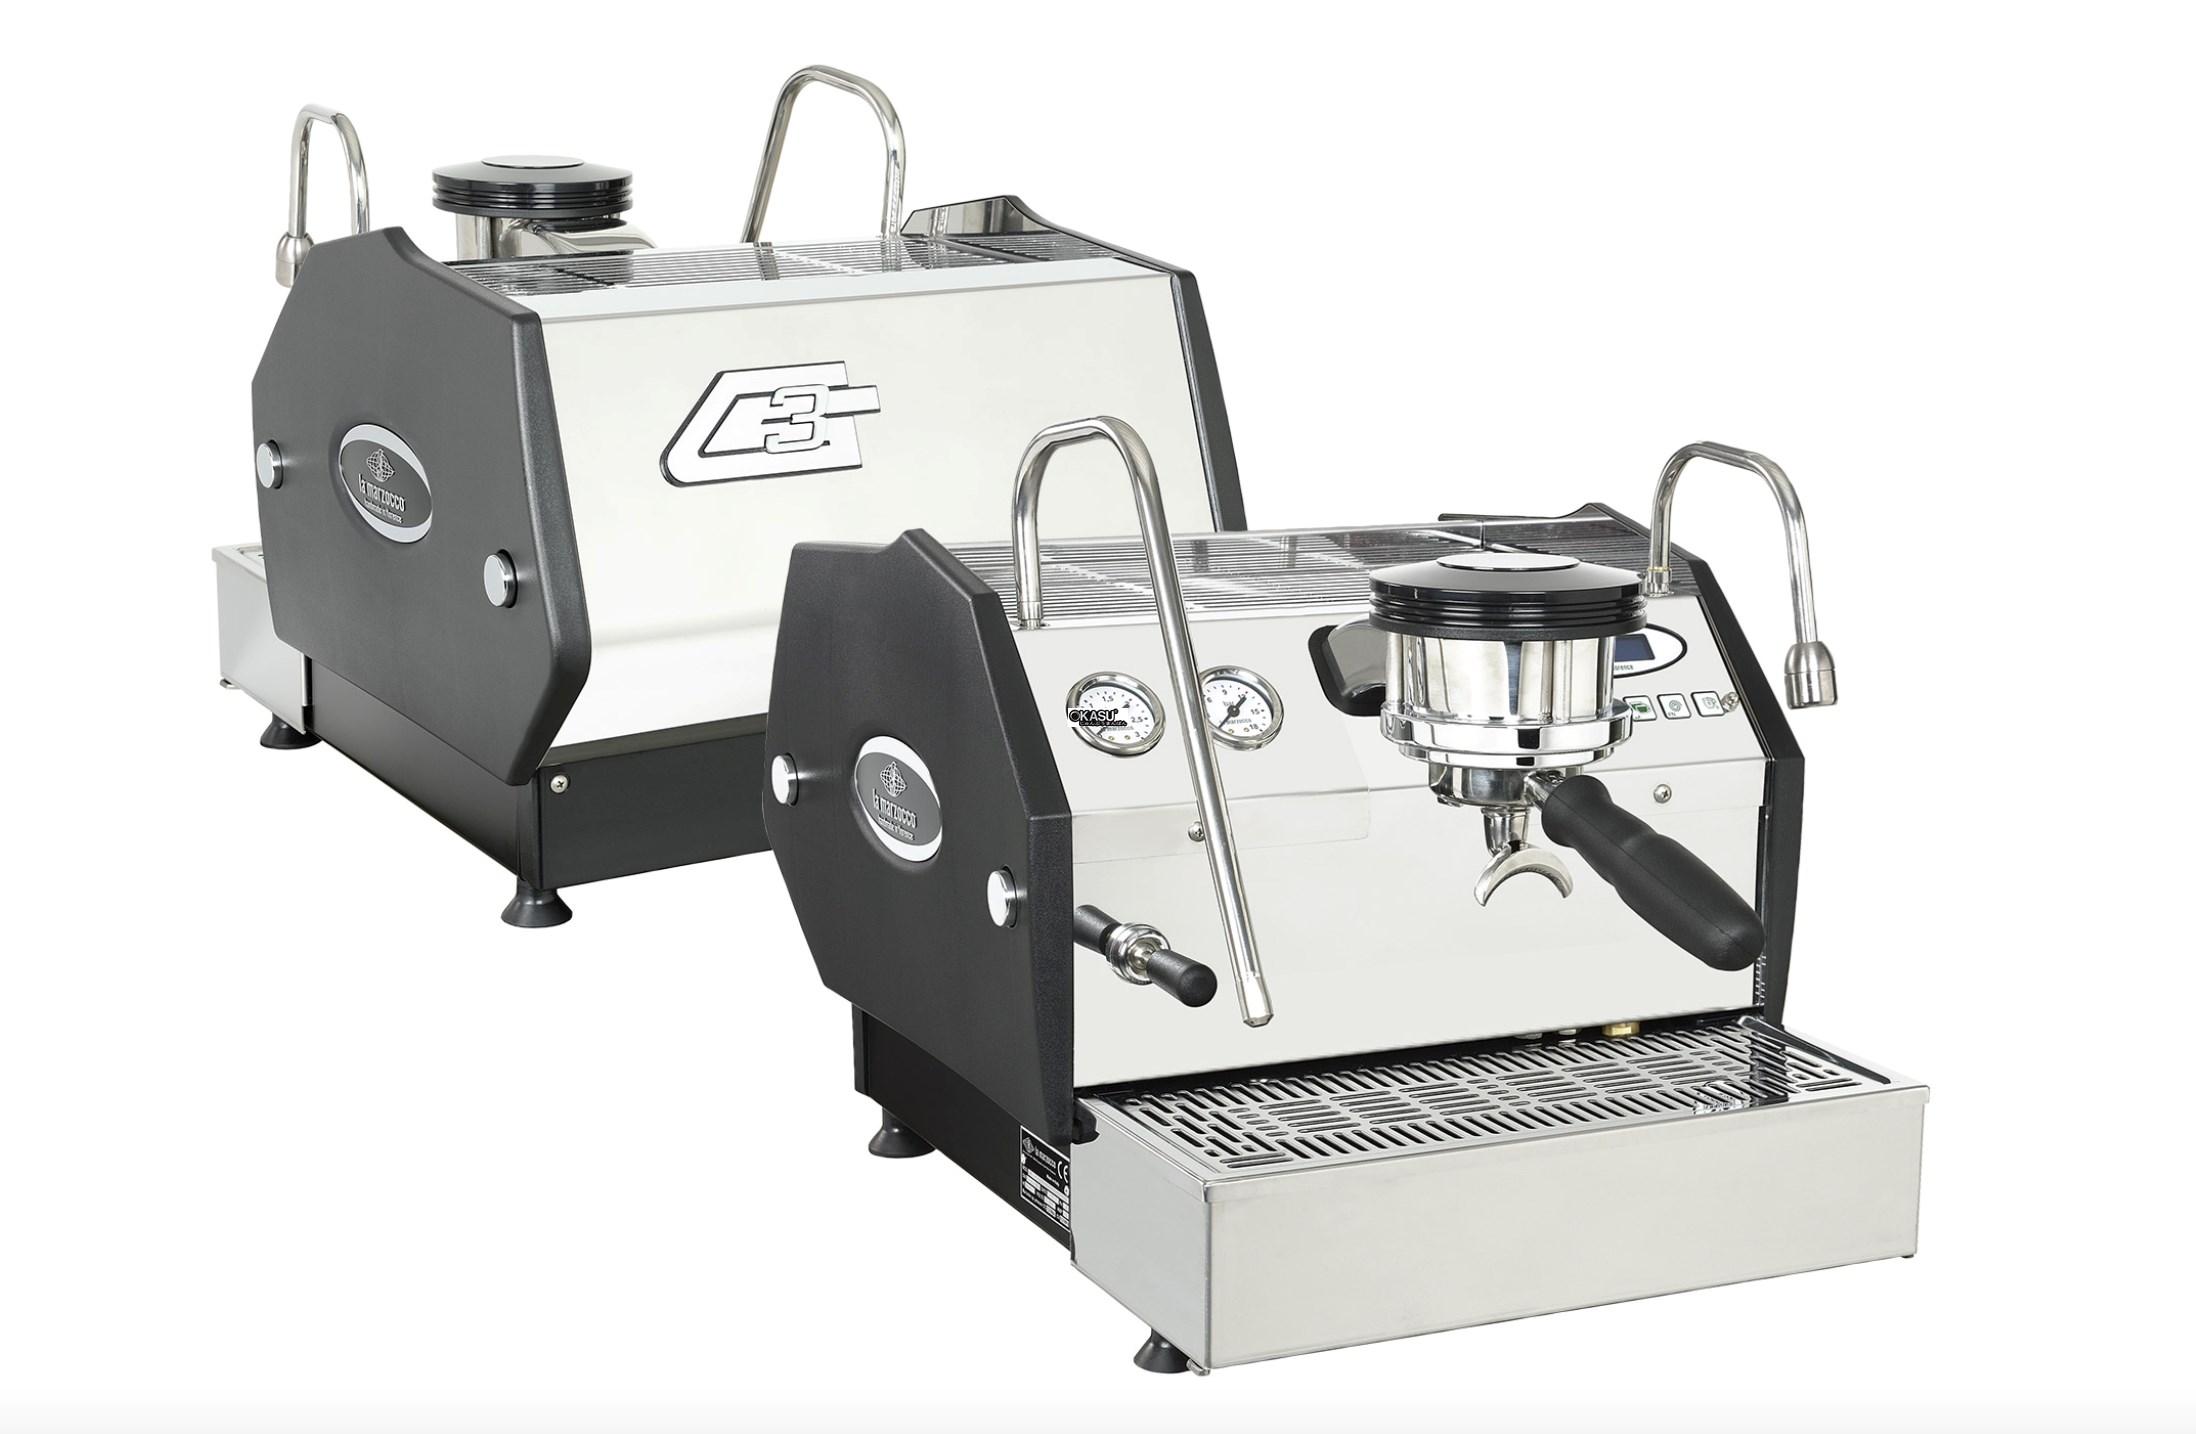 Máy pha cà phê La Marzocco GS3